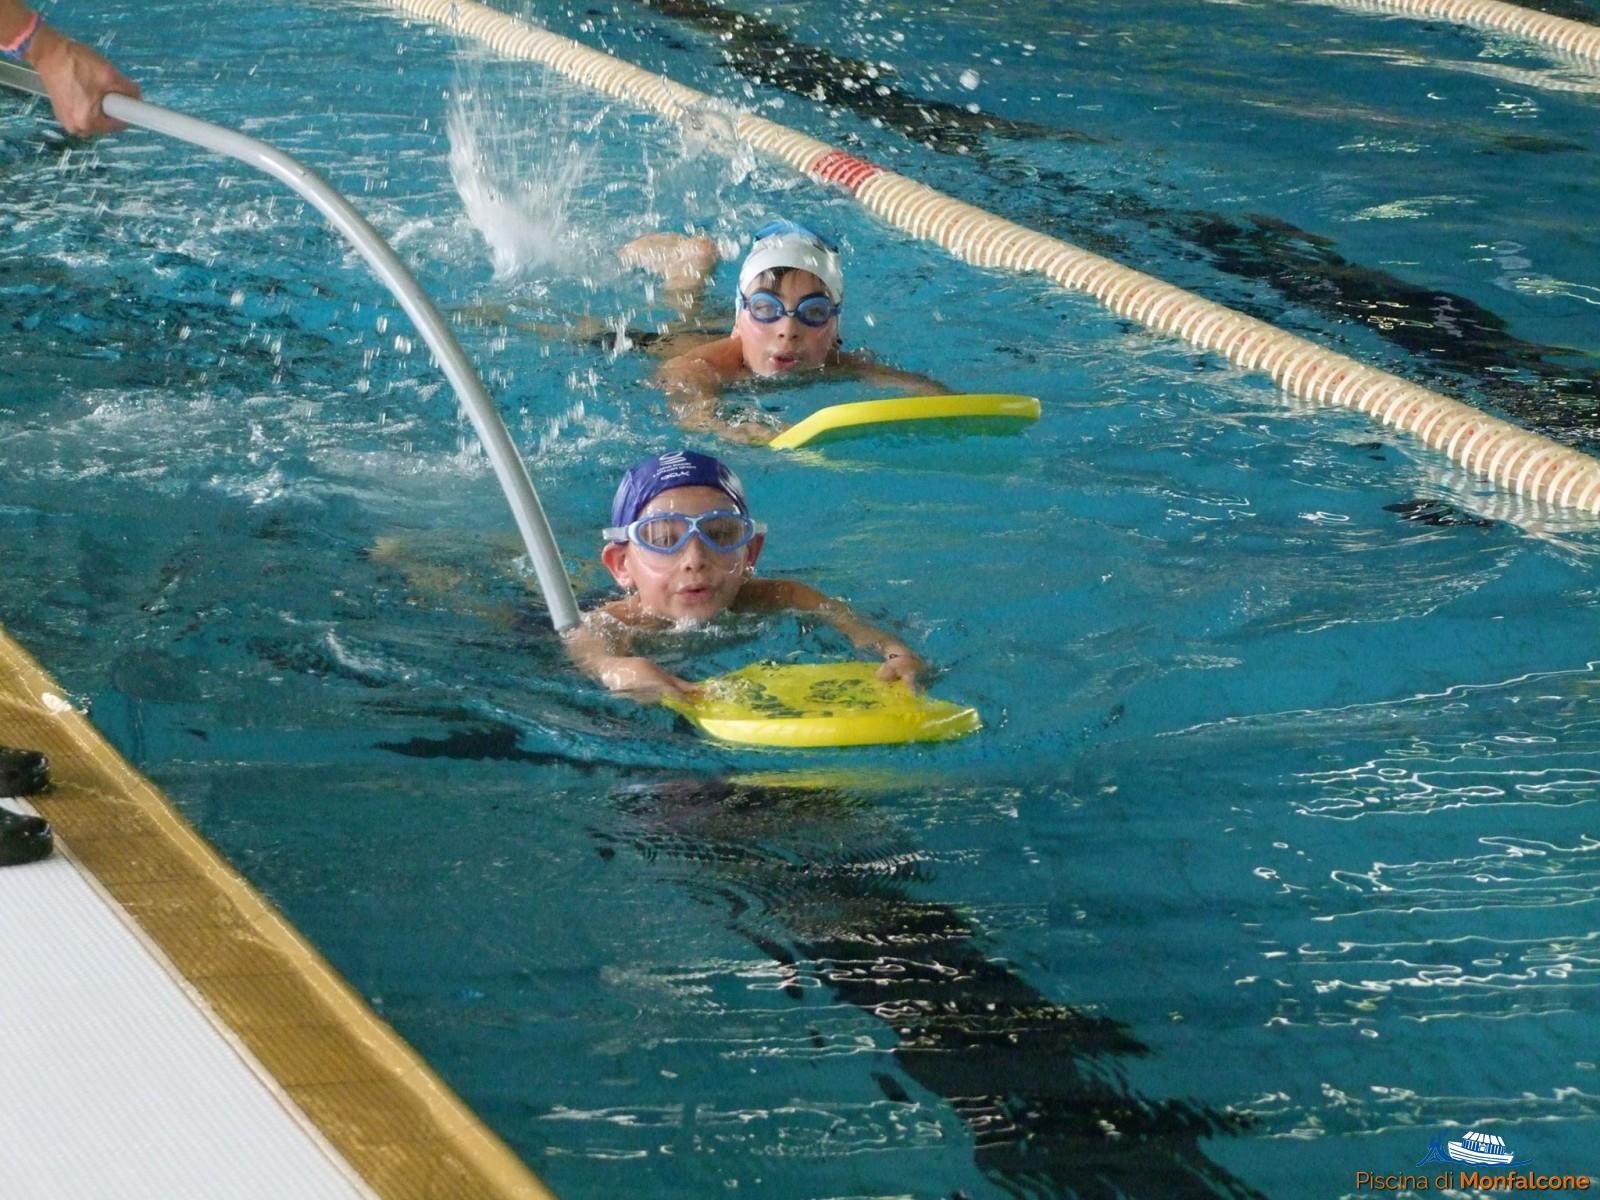 Saggi di scuola nuoto piscina di monfalcone - Nuoto in piscina ...